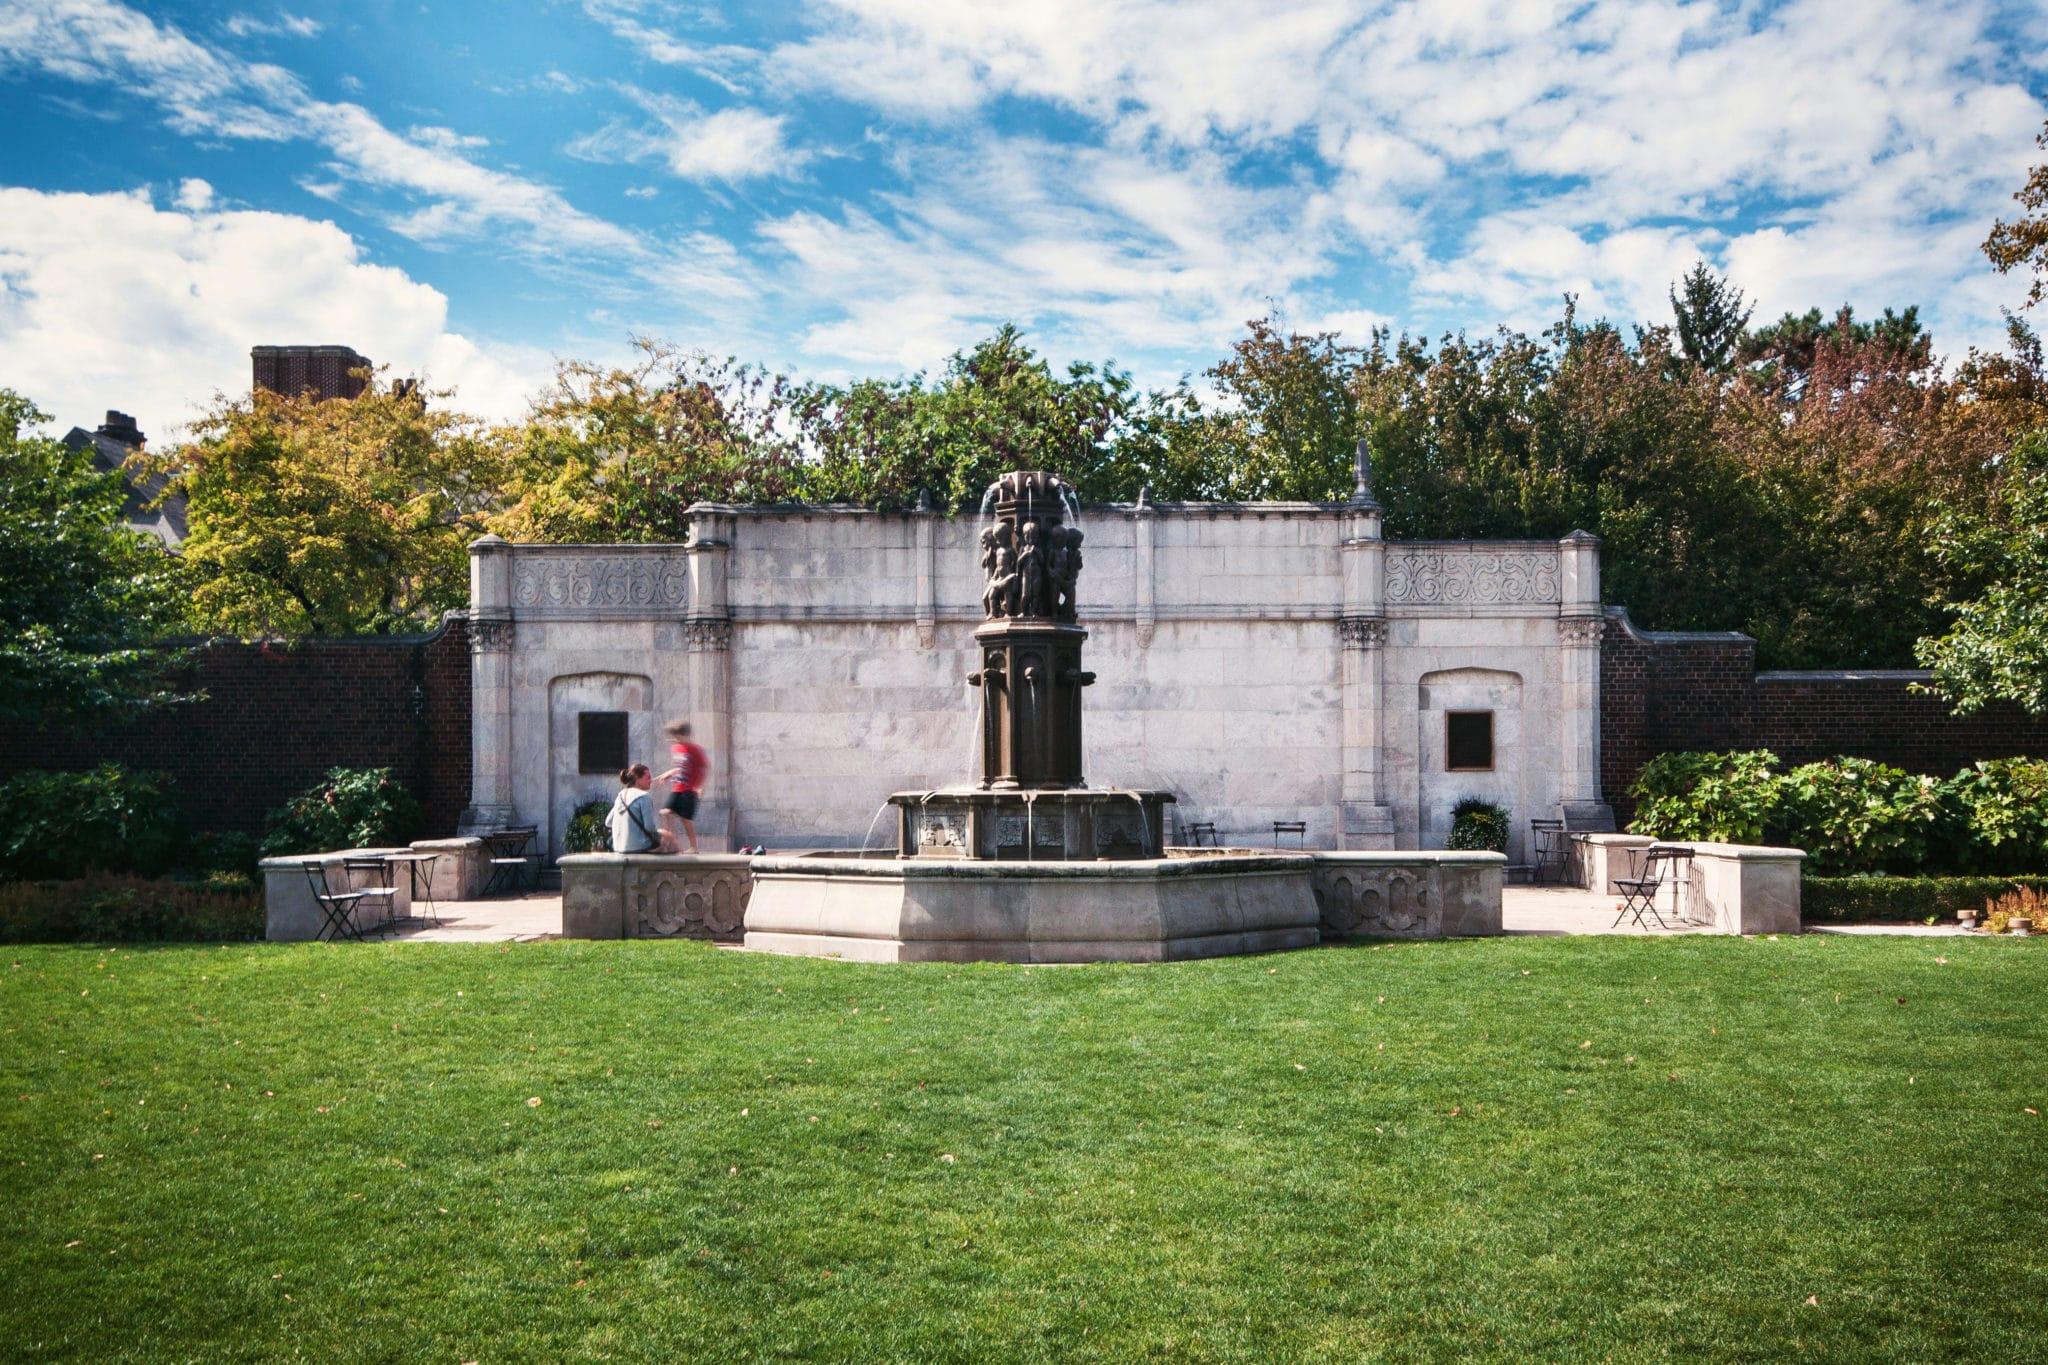 An image of the Mellon Park Walled Garden